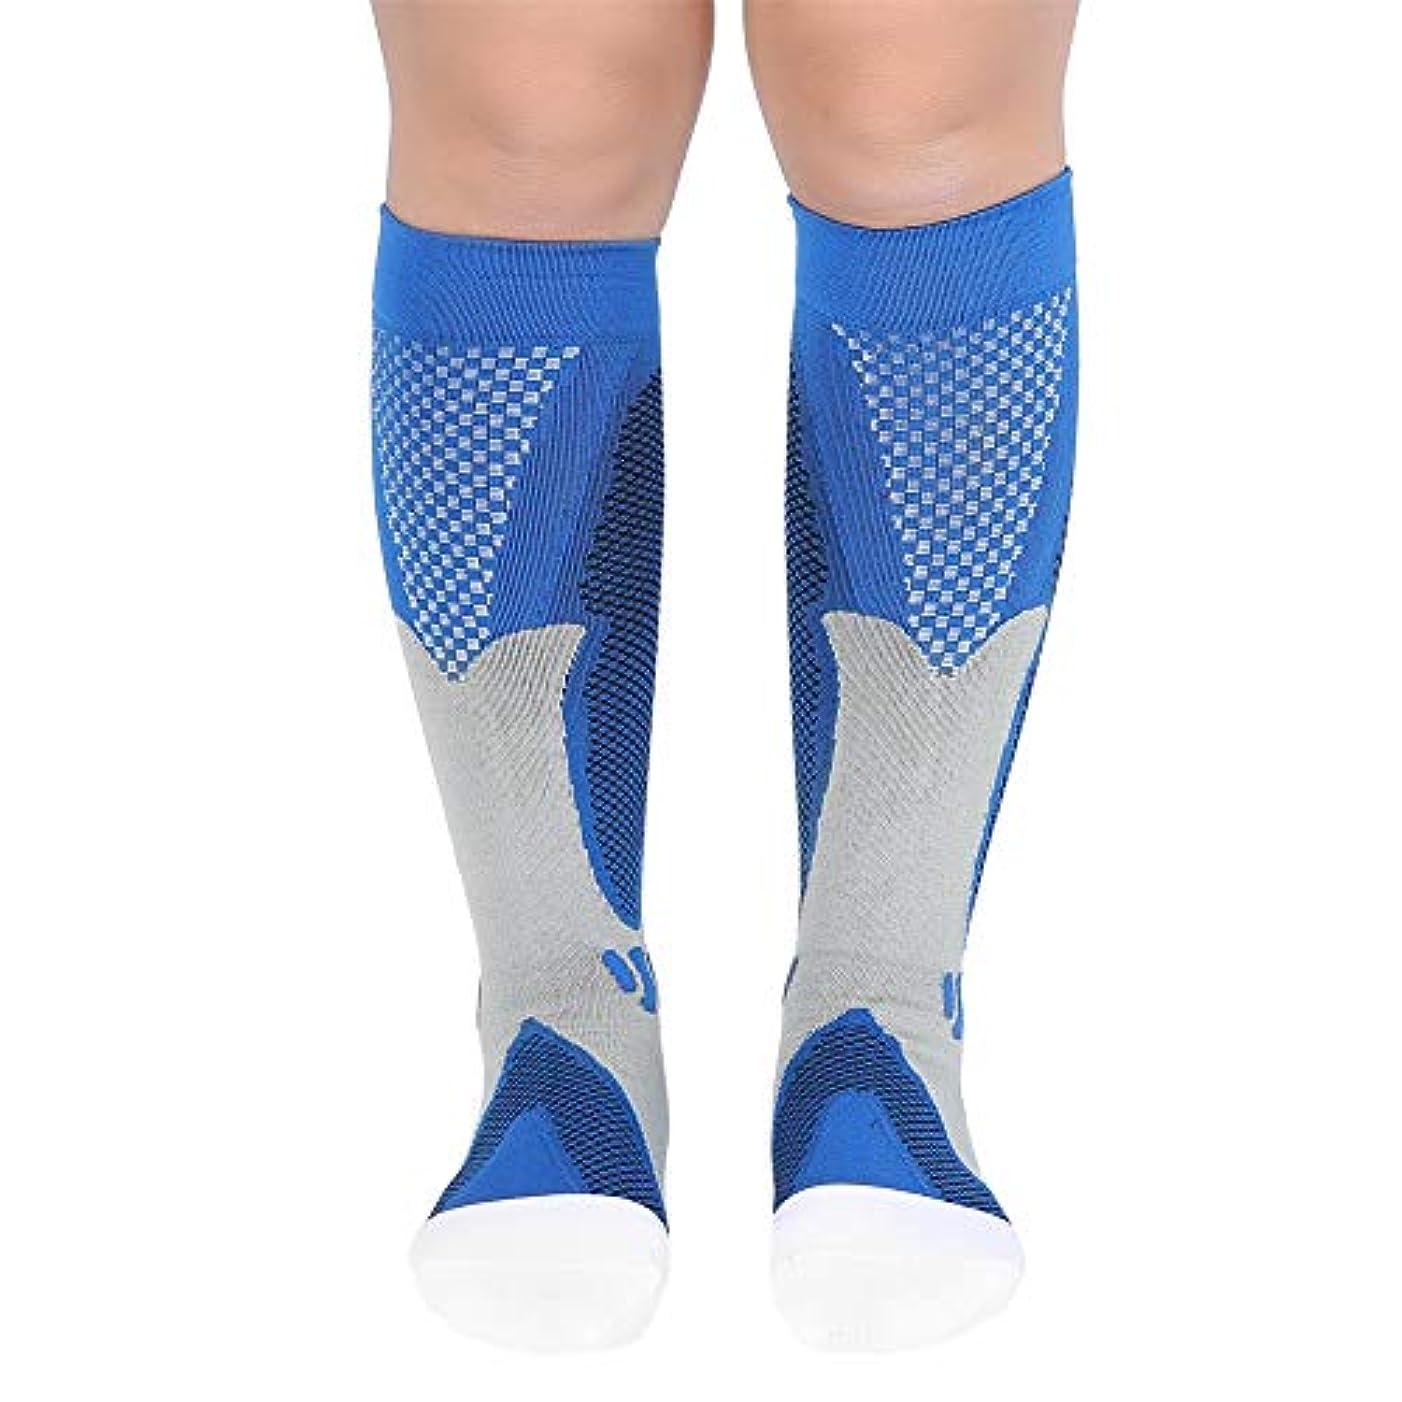 デザートエトナ山楽観的コンプレッションソックス,メンズコンプレッションソックスユニセックスコンプレッションソックスストレッチレッグサポートストッキングケア旅行飛行運動美脚 靴下 (S/M-Blue)